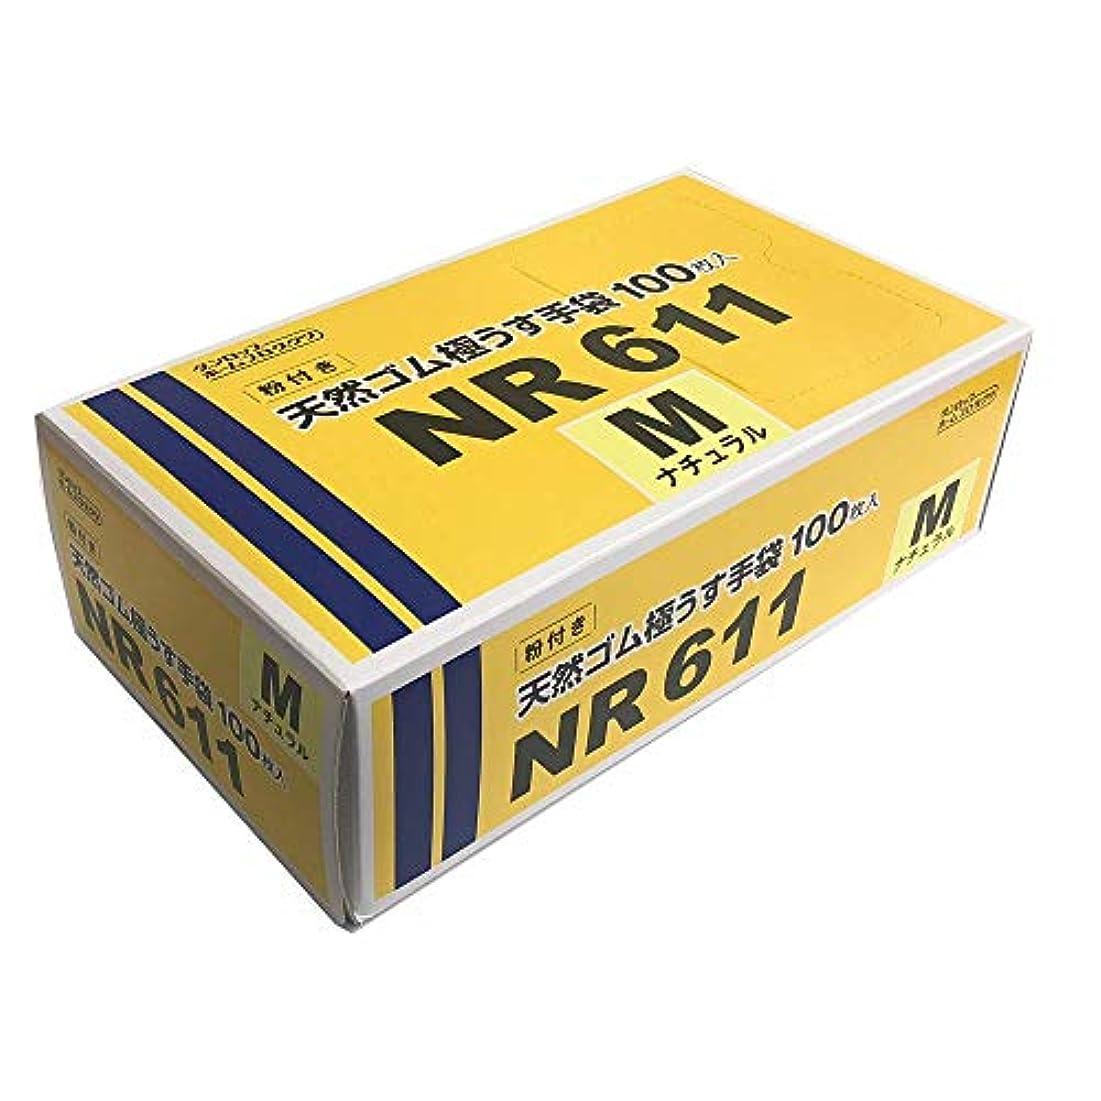 ダース出費イヤホンDP NR611 粉付天然ゴム極薄手袋M-N ×20個